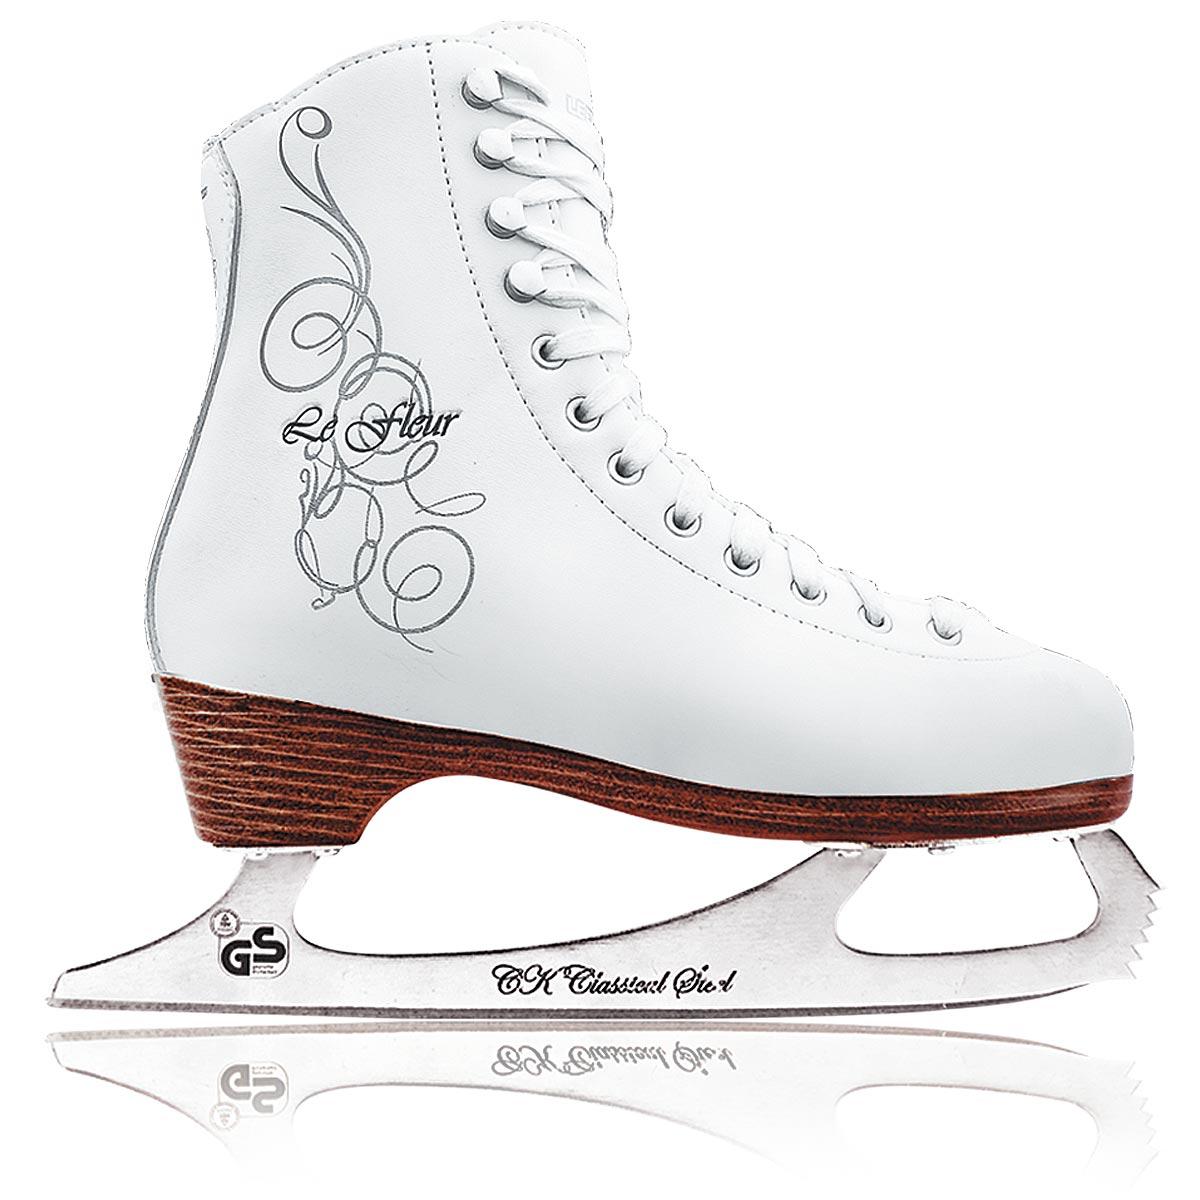 Коньки фигурные для девочки СК Le Fleur Leather 100%, цвет: белый, серебряный. Размер 36Le Fleur Leather 100%_белый, серебряный_36